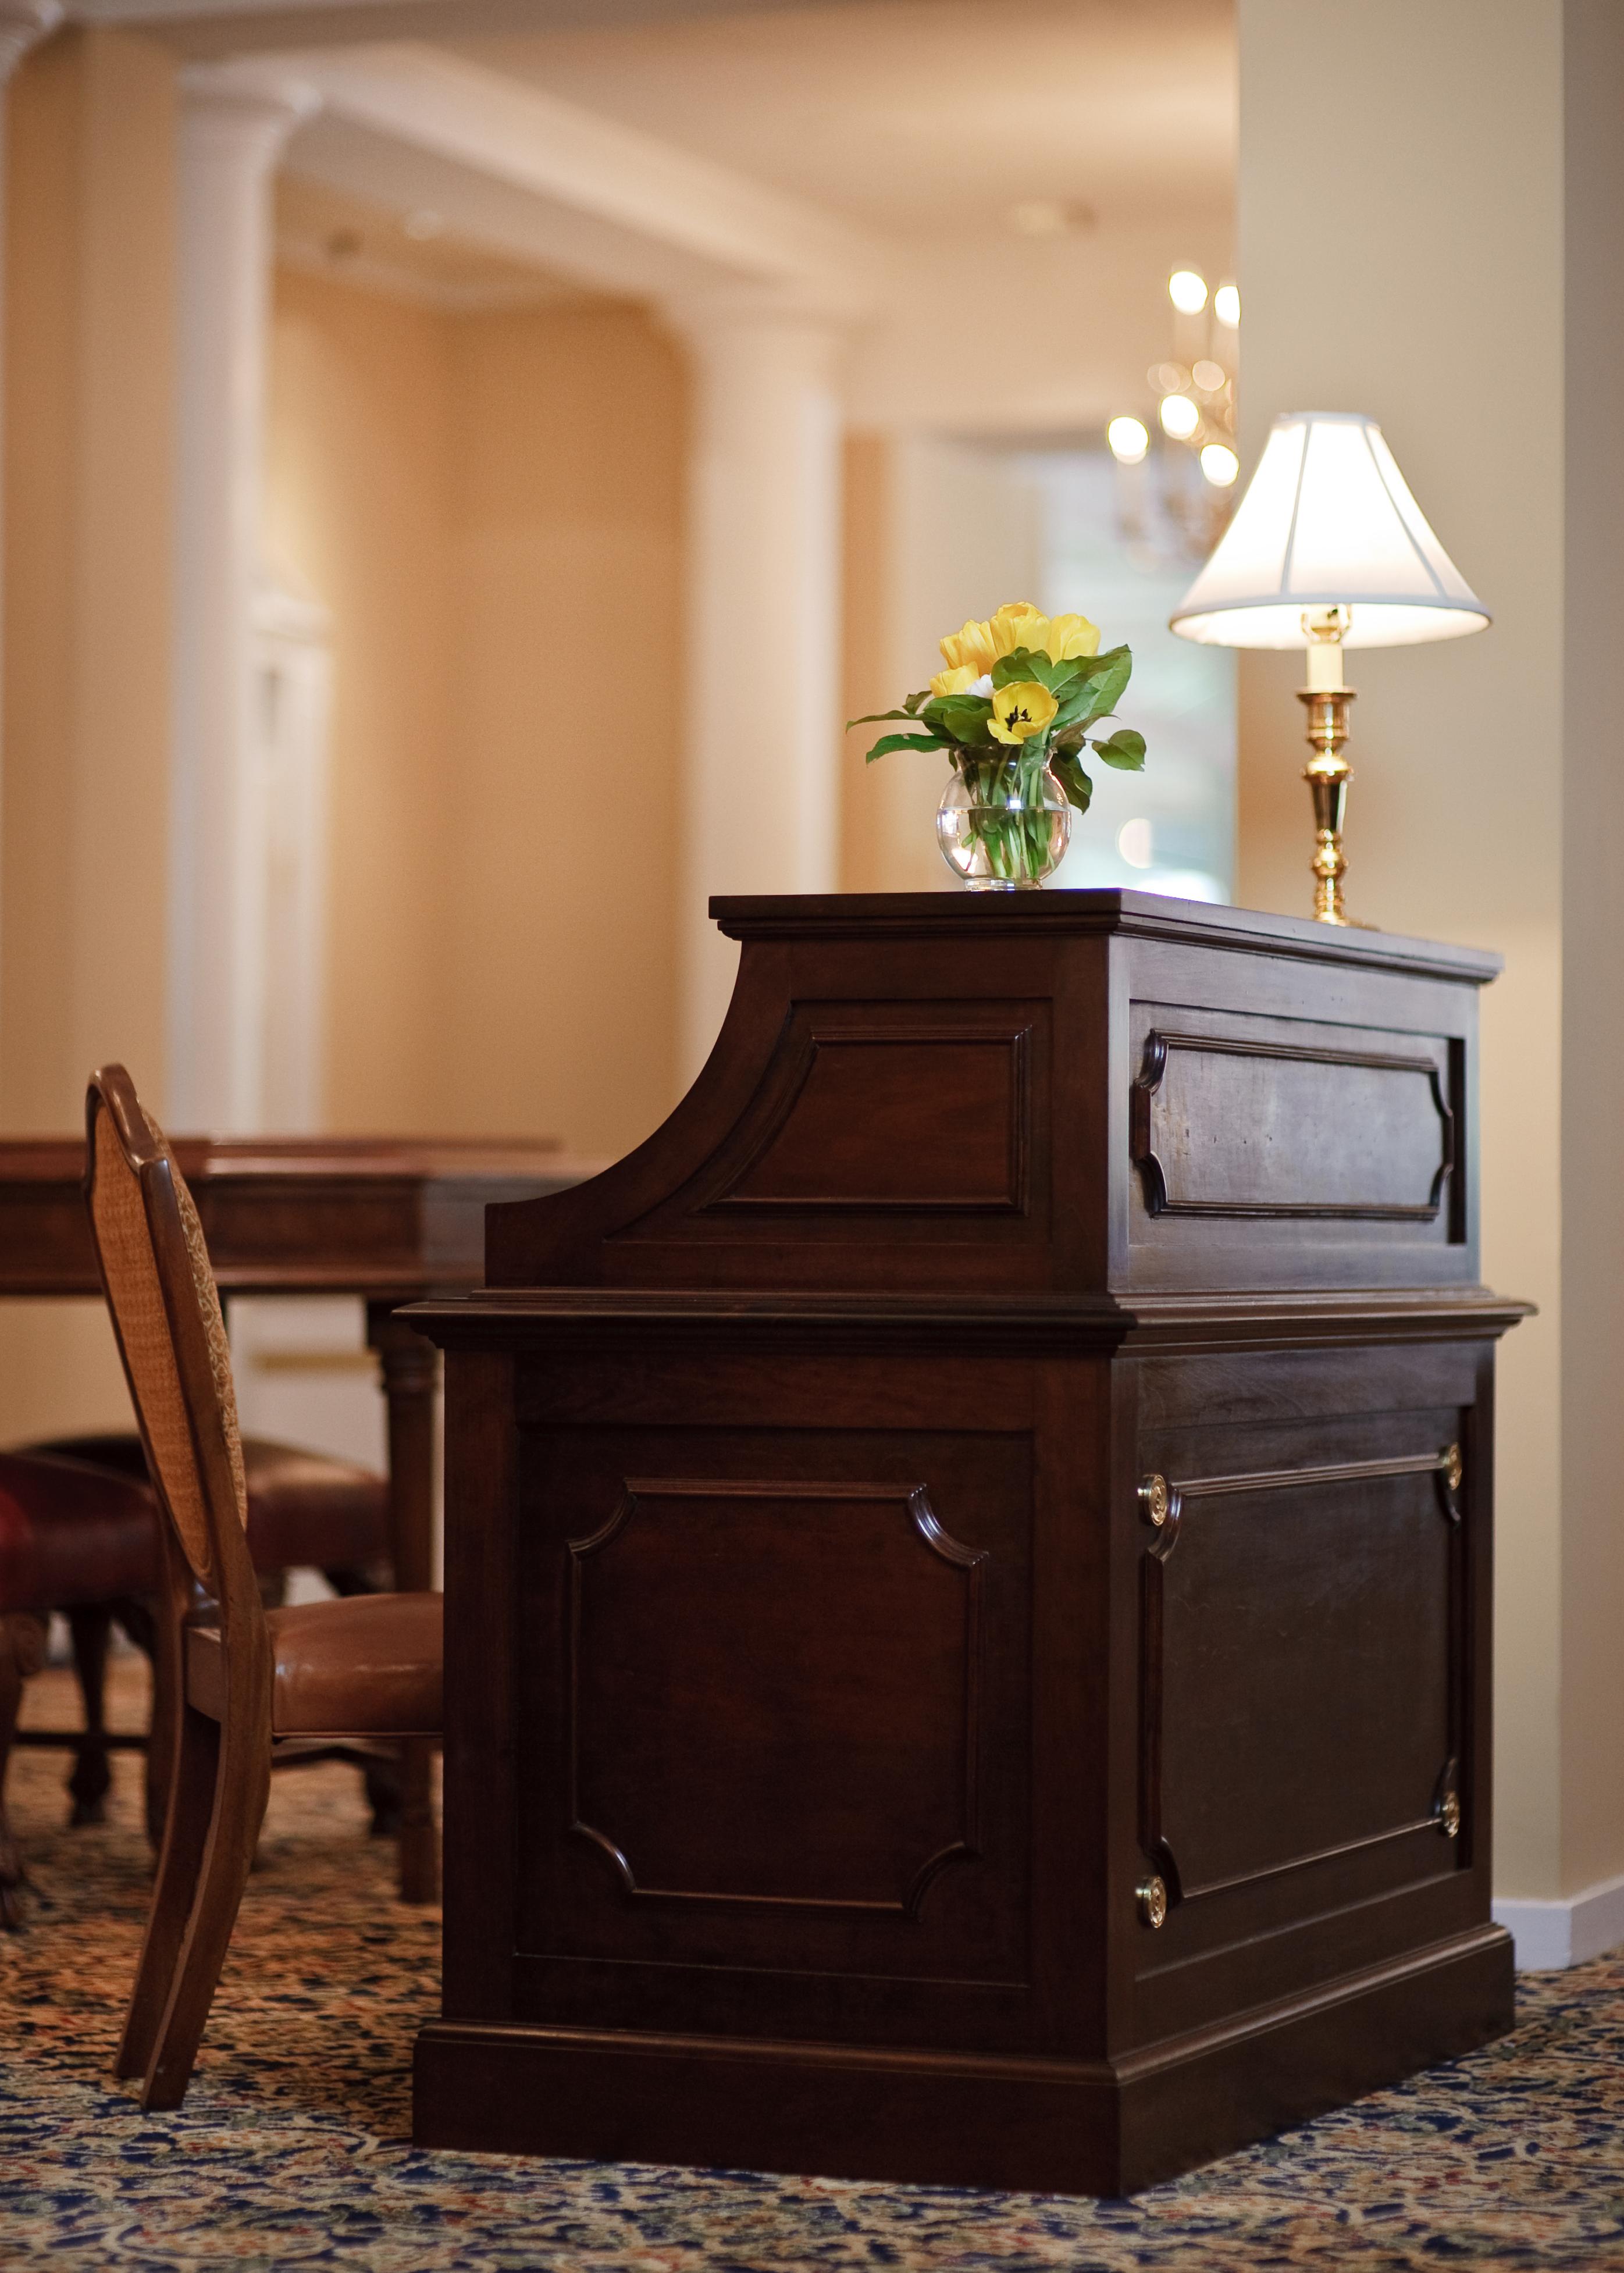 aod_7876_full_portr160nc - Concierge Desk Design